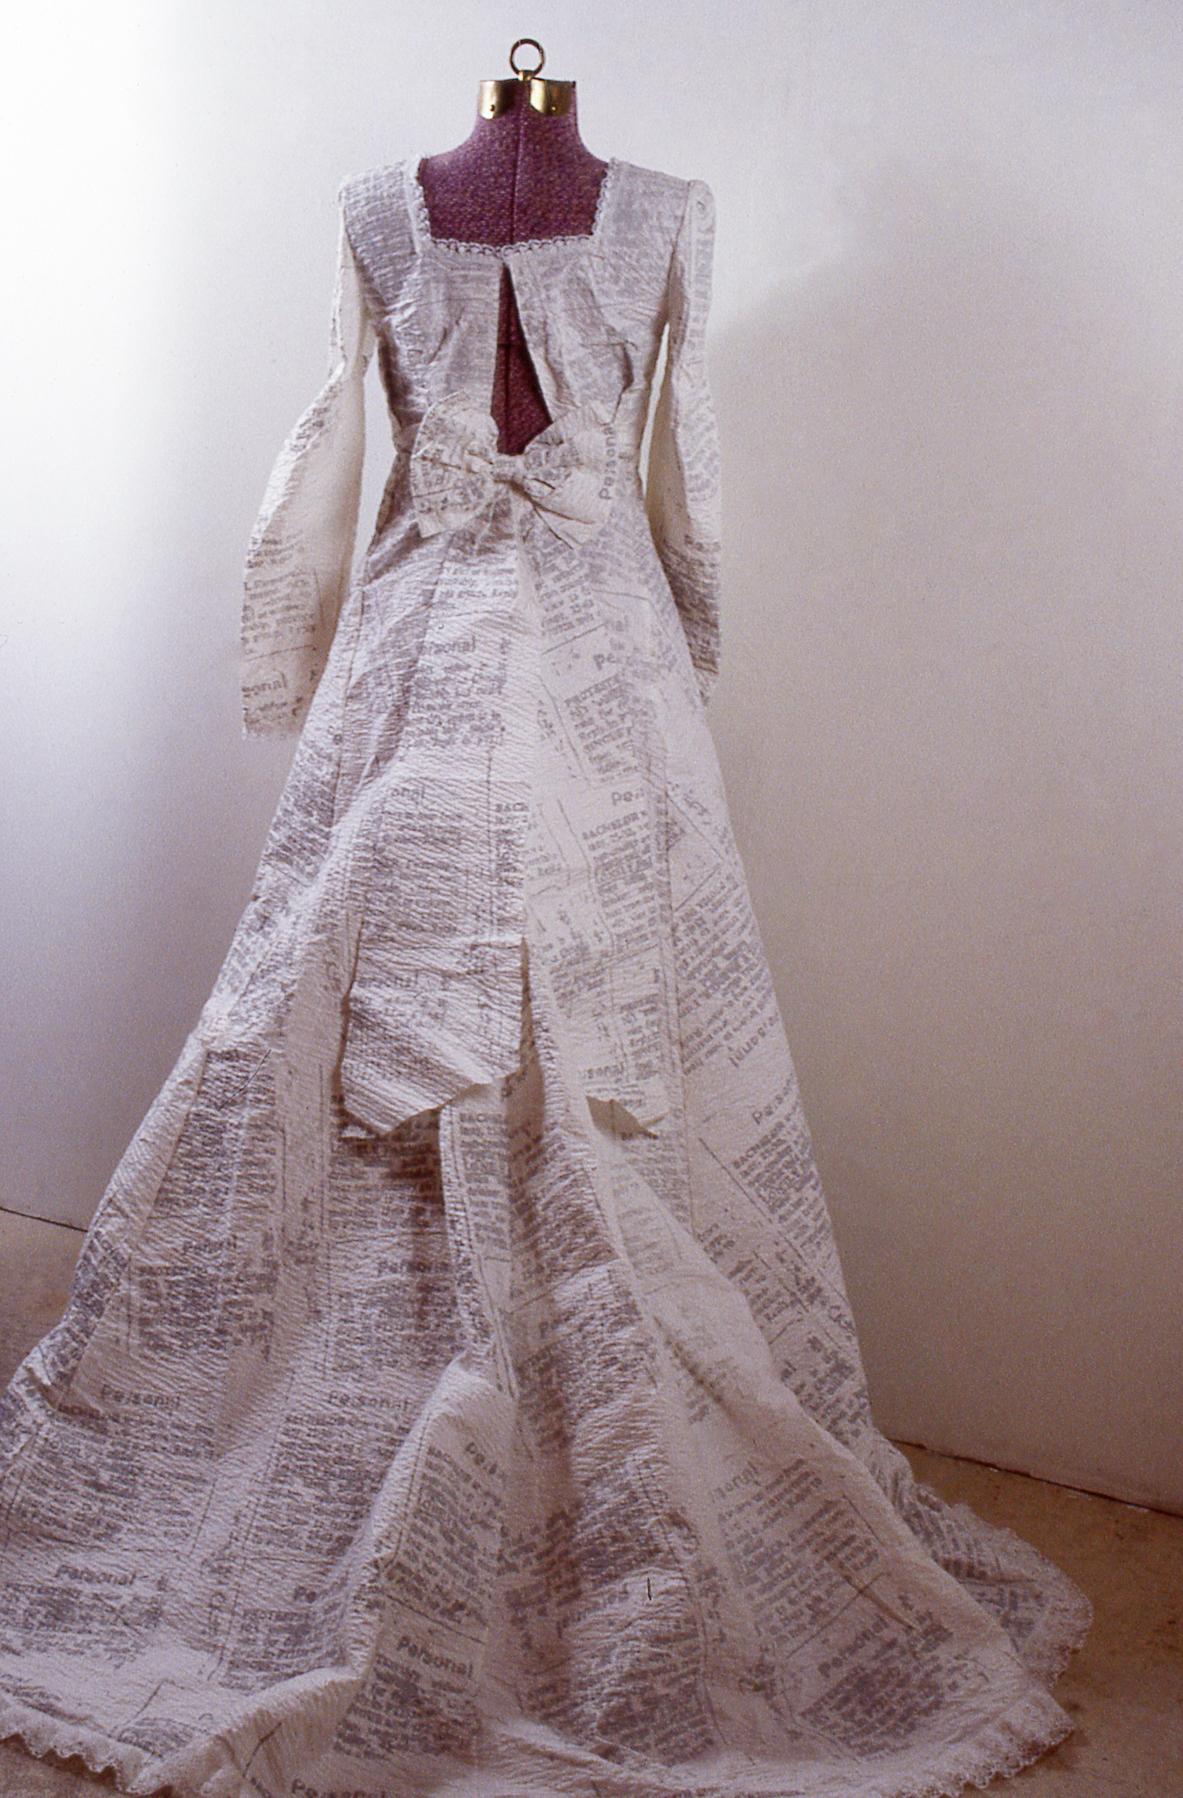 The Forgotten Bride